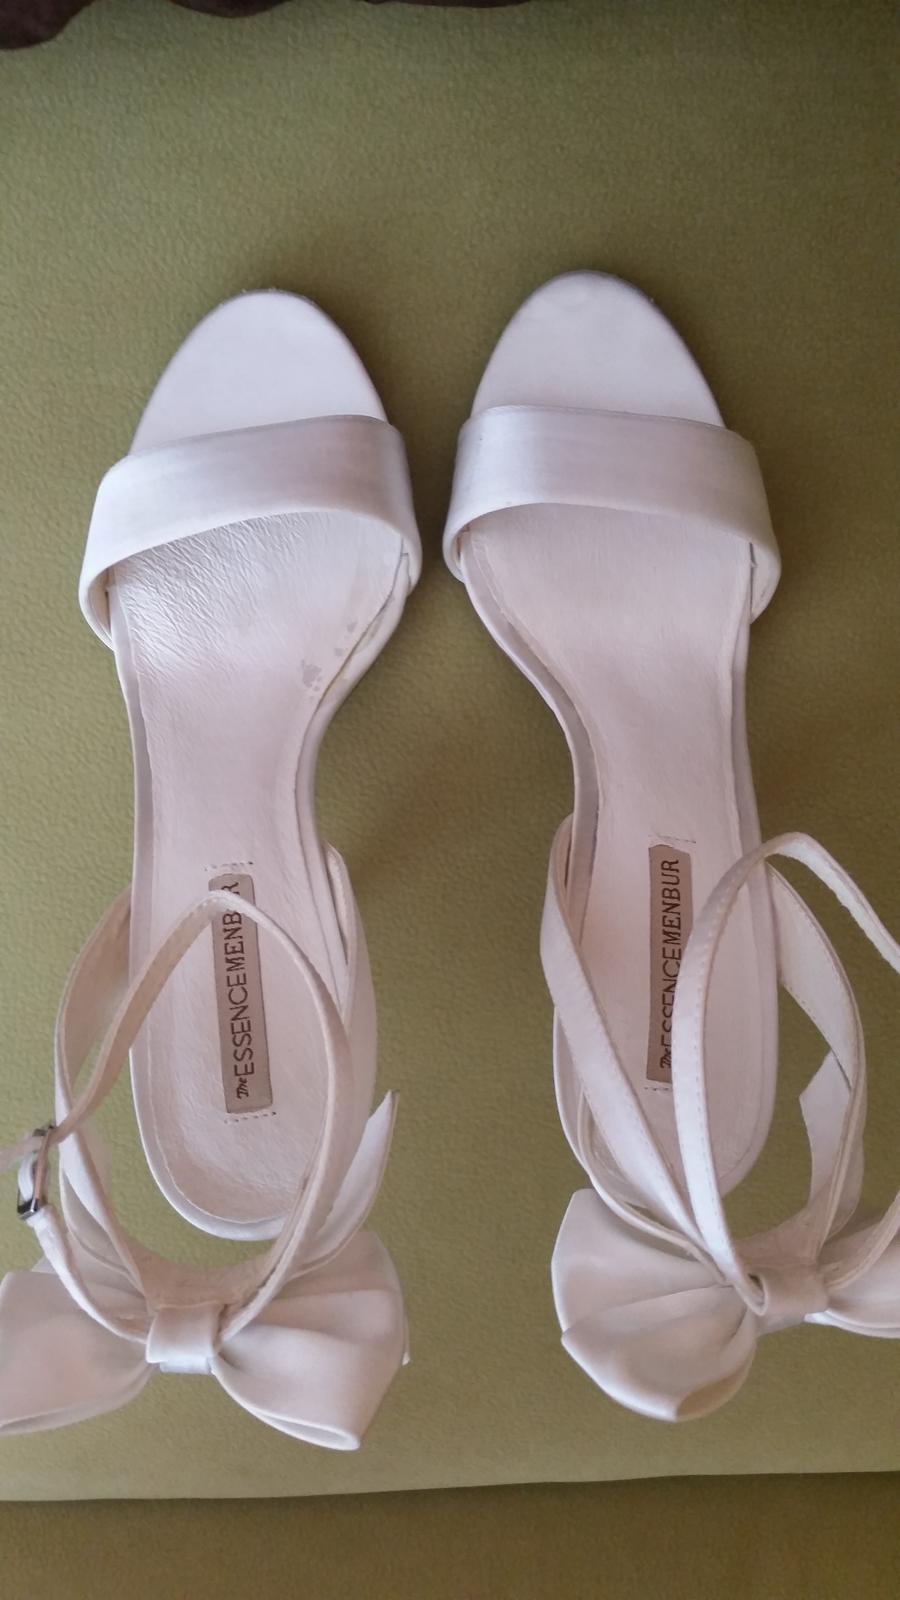 f95e9032cebd Svadobné sandále menbur ivory s poštovným